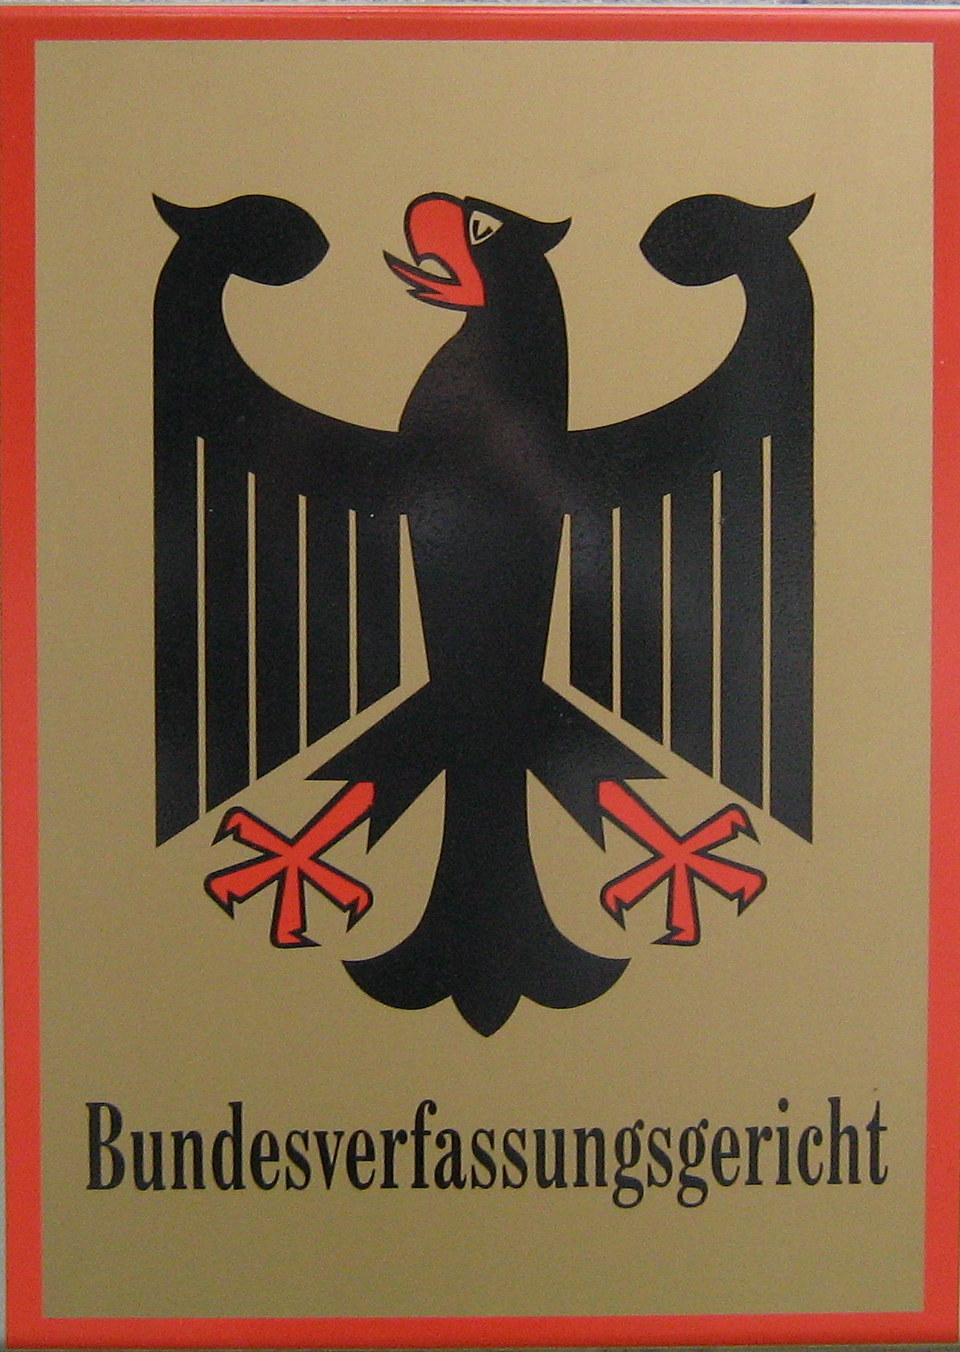 Tafel des Bundesverfassungsgerichts in Karlsruhe (Quelle: Elkawe via Wikimedia Commons unter CC-BY-SA 3.0 Lizenz)